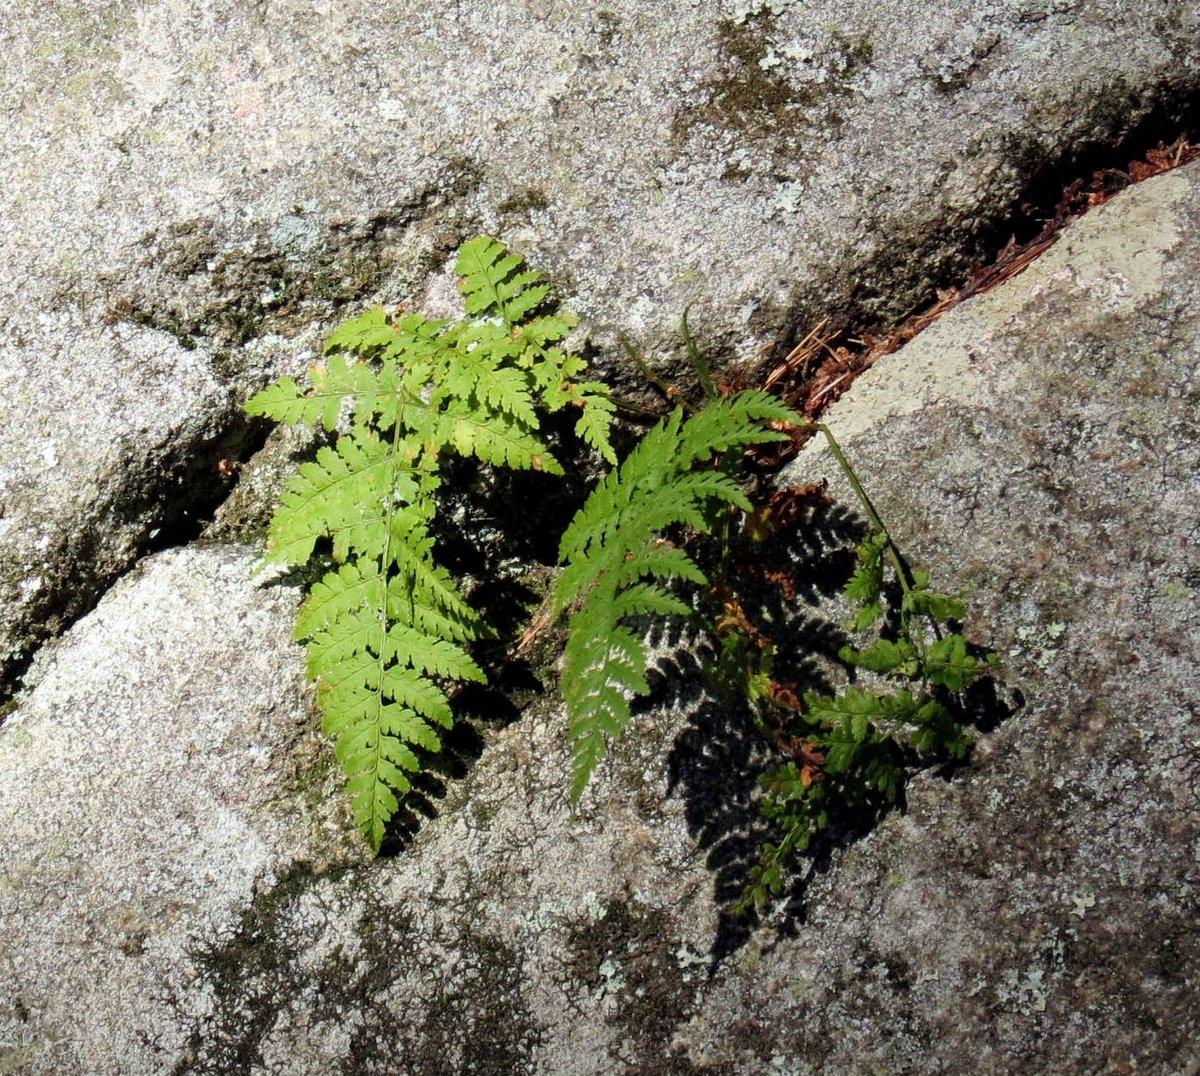 8-fern-on-stone